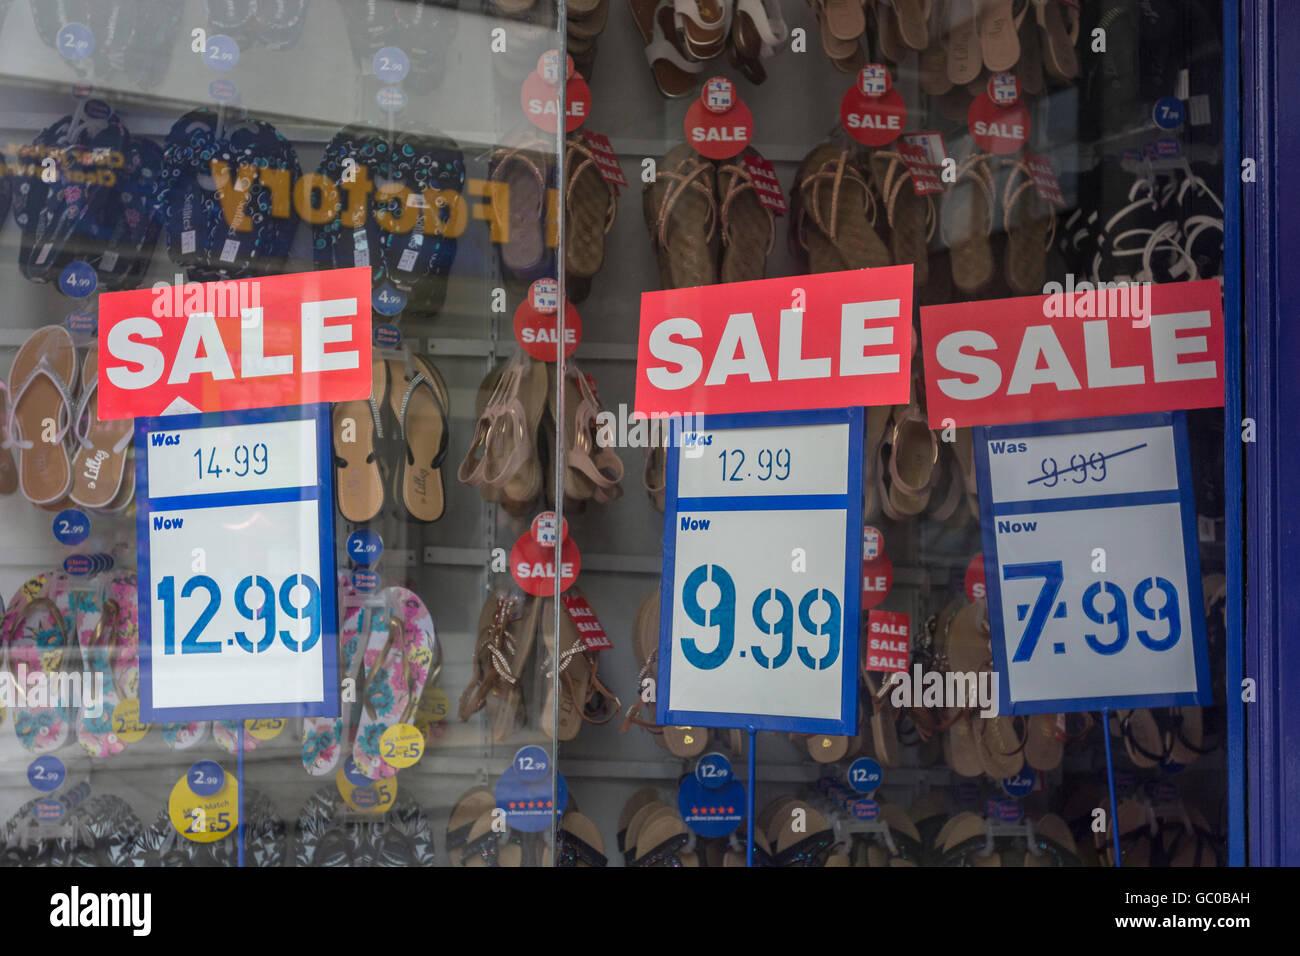 Hight street / ventas / ventas minoristas concepto la confianza de los consumidores. Las reducciones de precios. Imagen De Stock